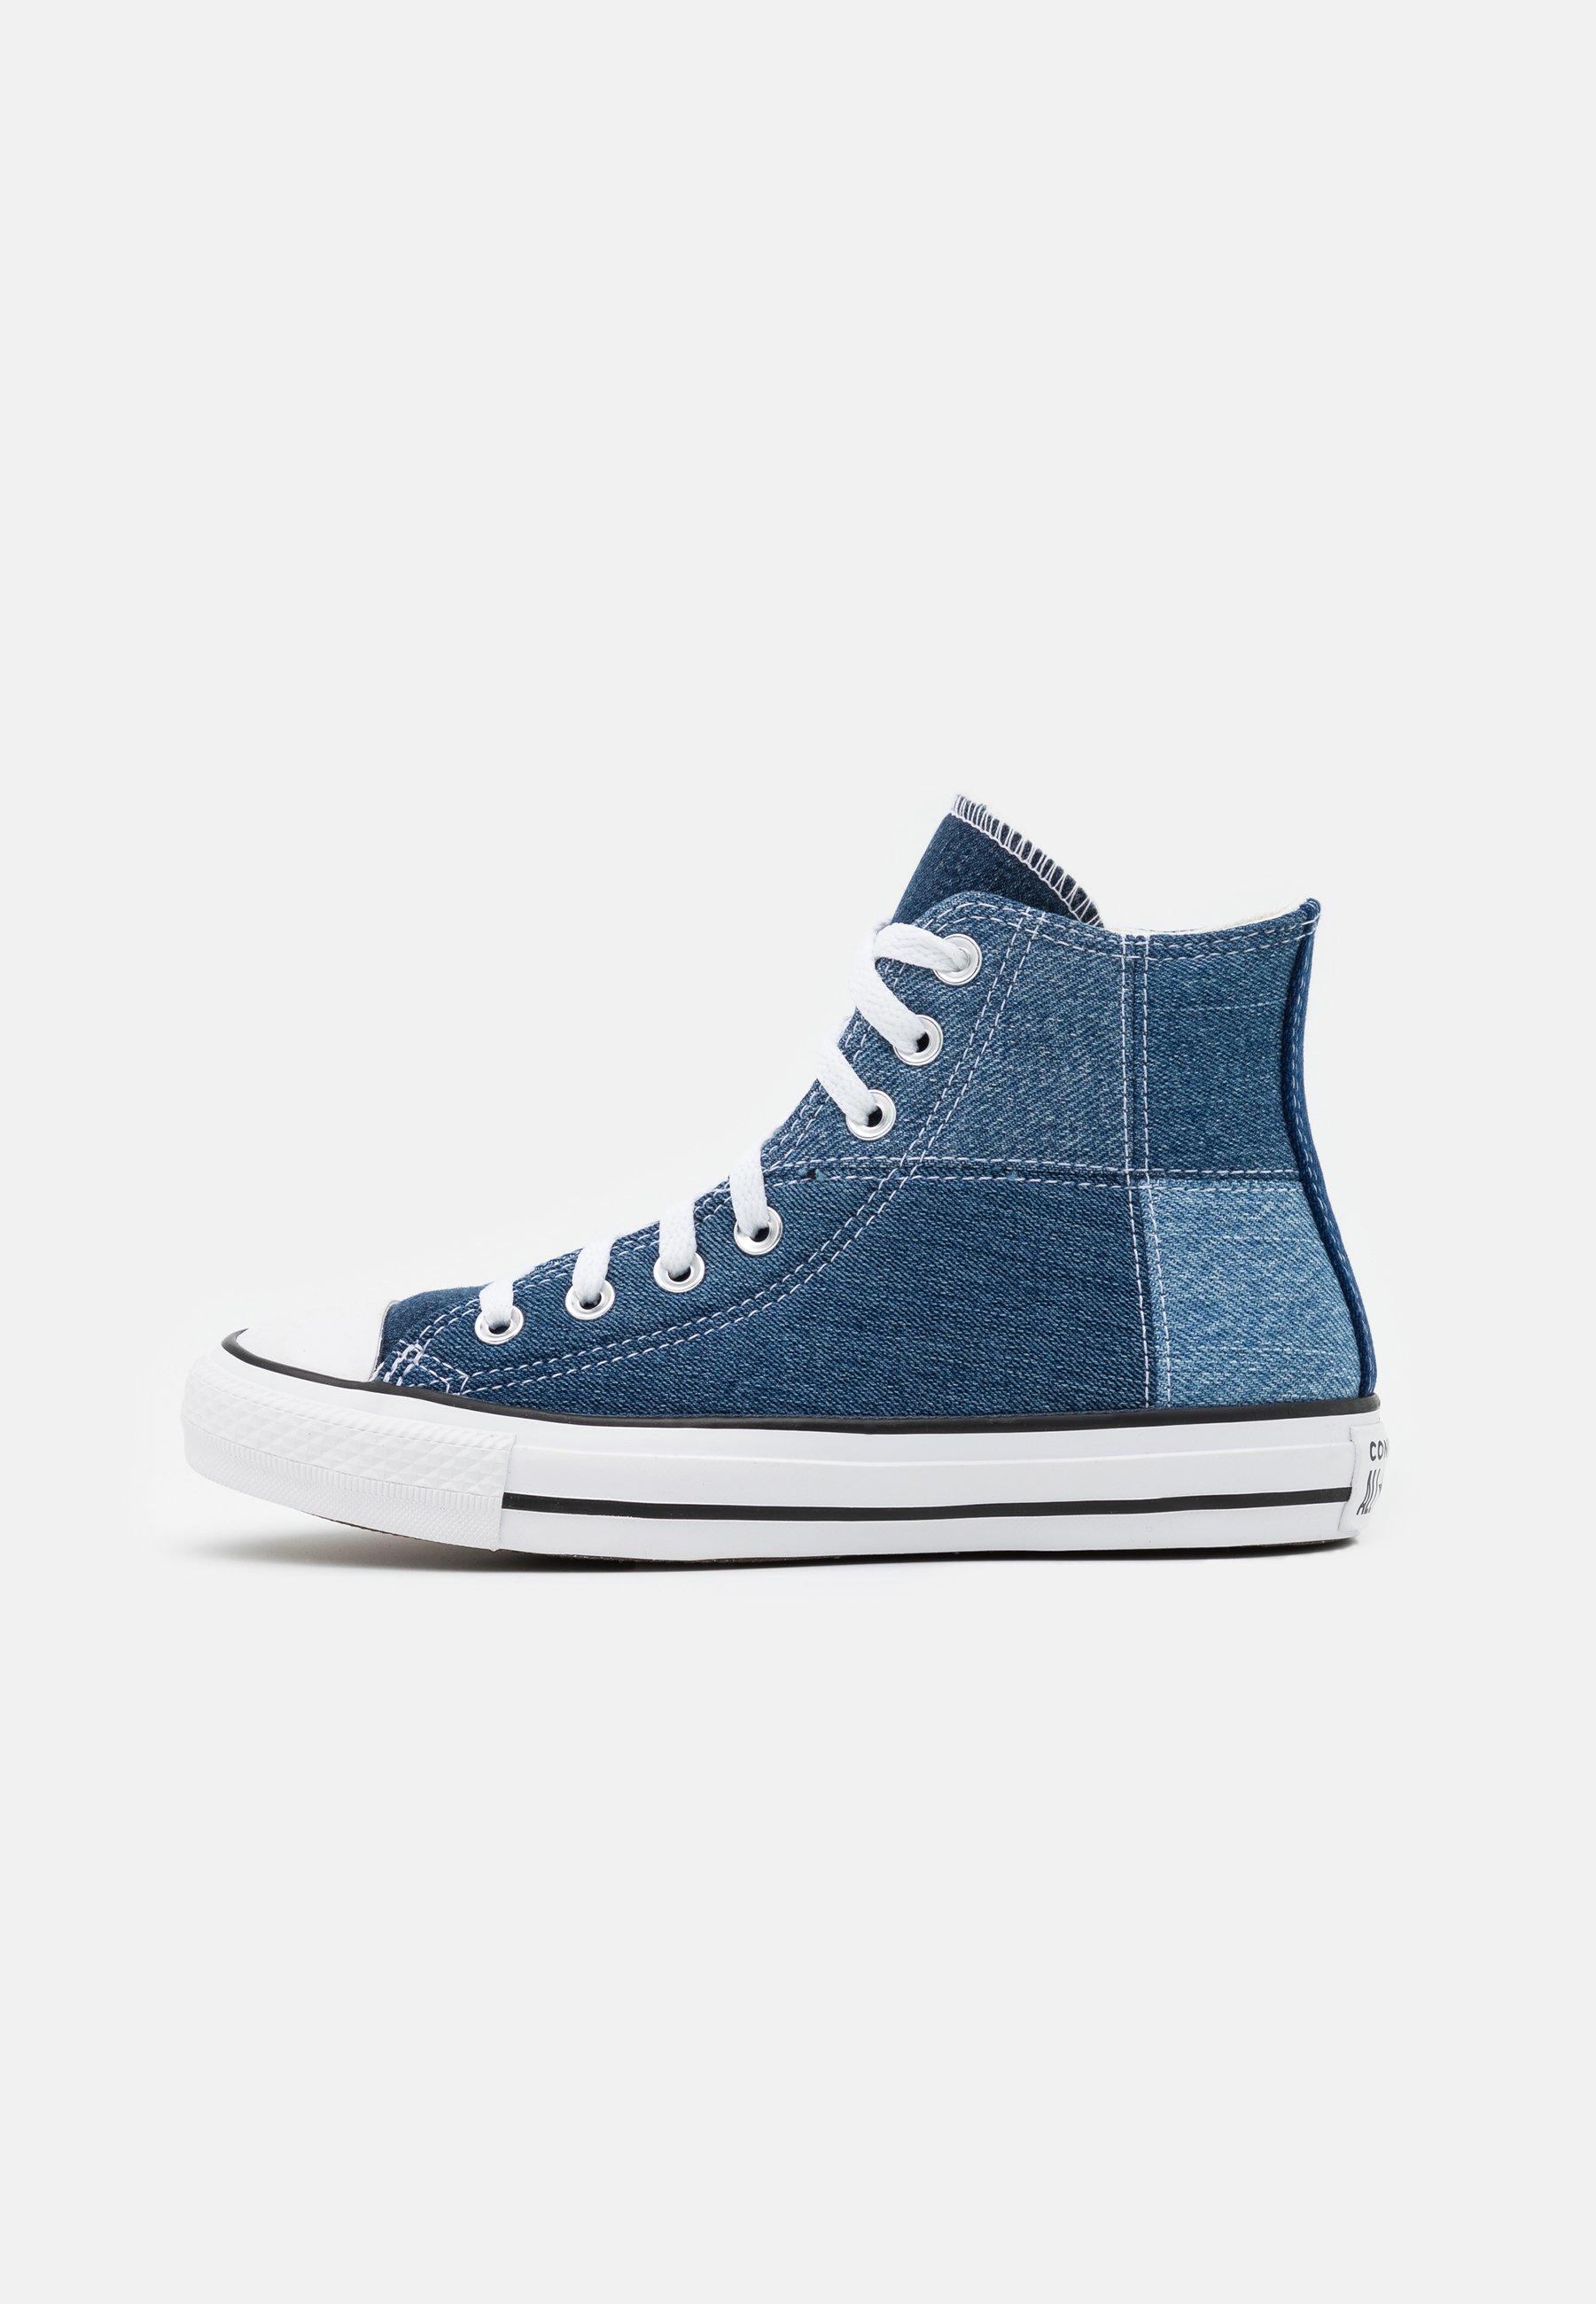 converse bleu clair